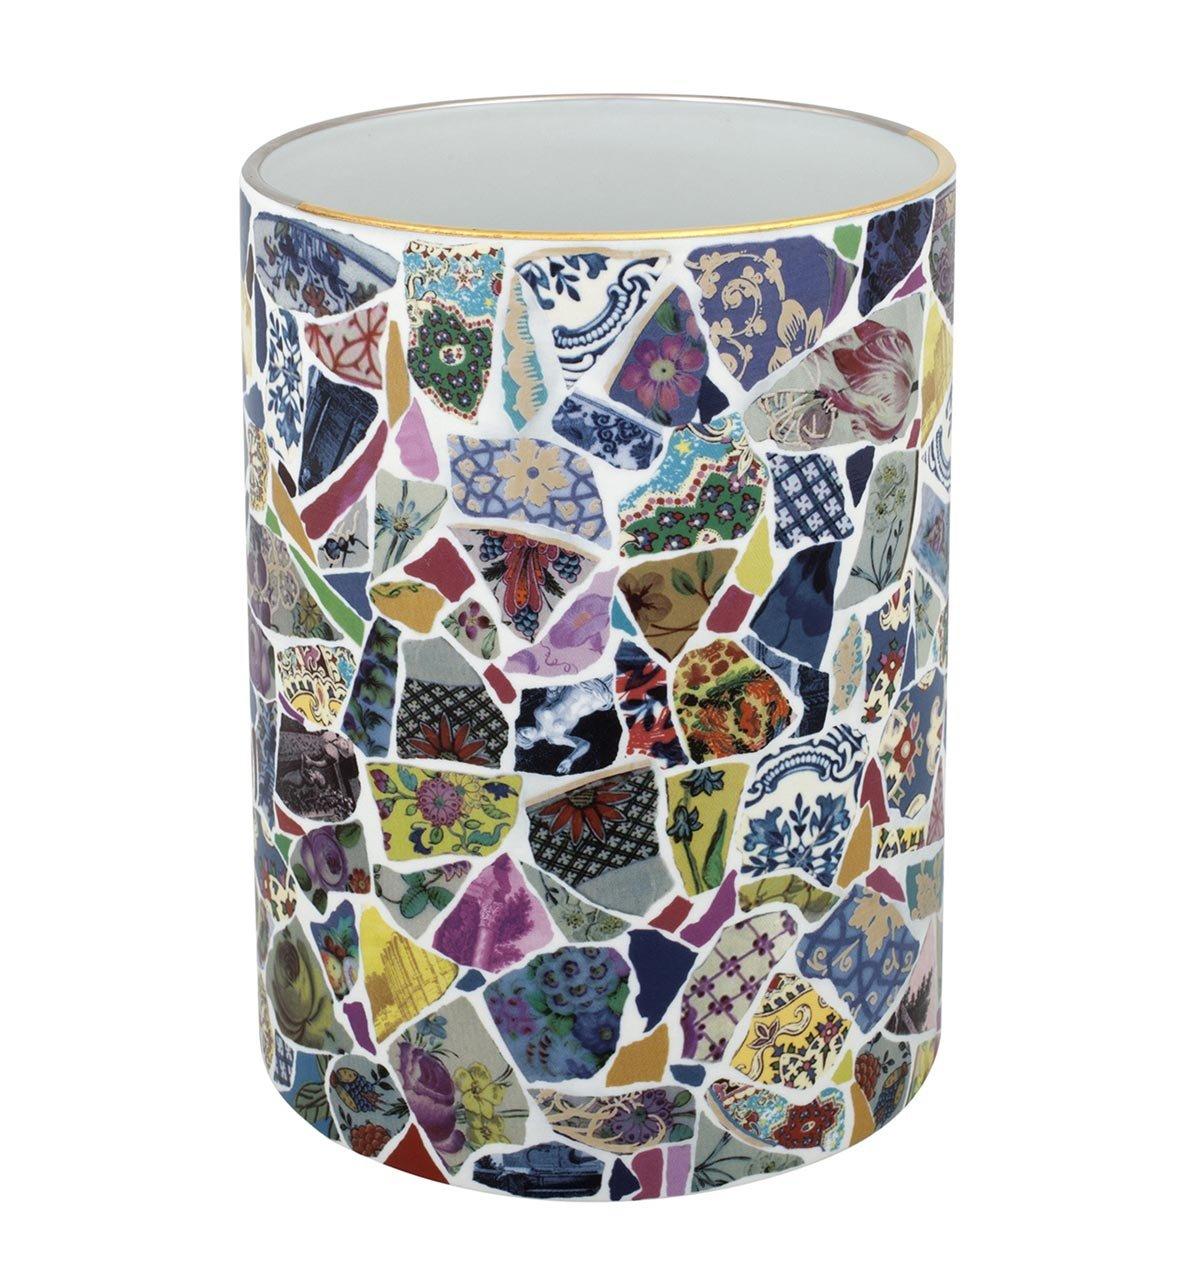 VISTA ALEGRE - Picassiette by Christian Lacroix (Ref # 21117756) Porcelain Vase by Unknown